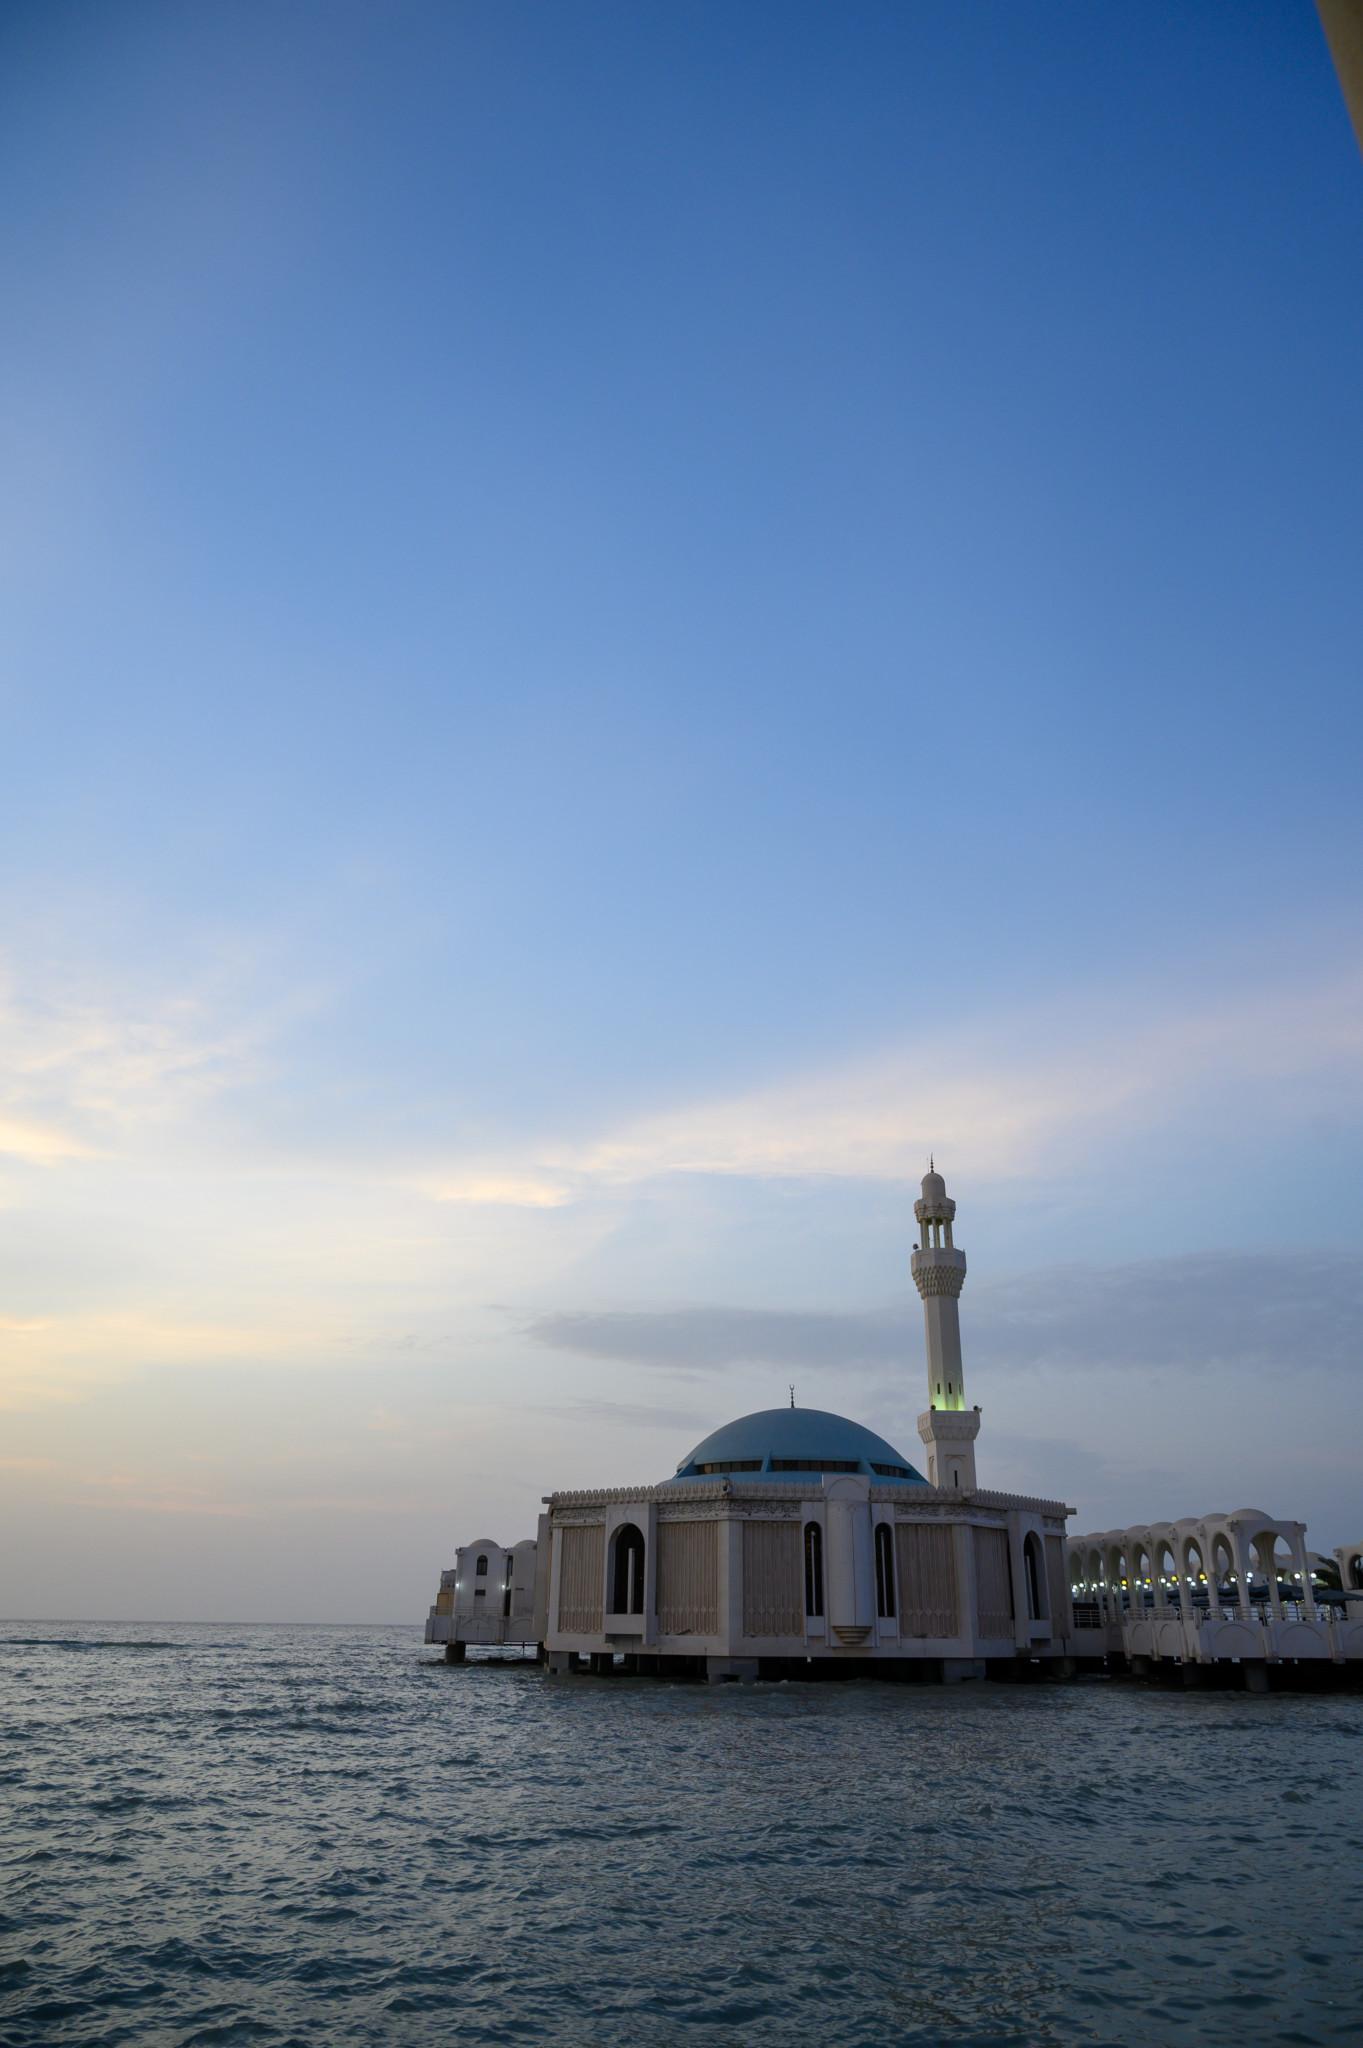 Floating Mosque Sehenswürdigkeit im Saudi Arabien Urlaub